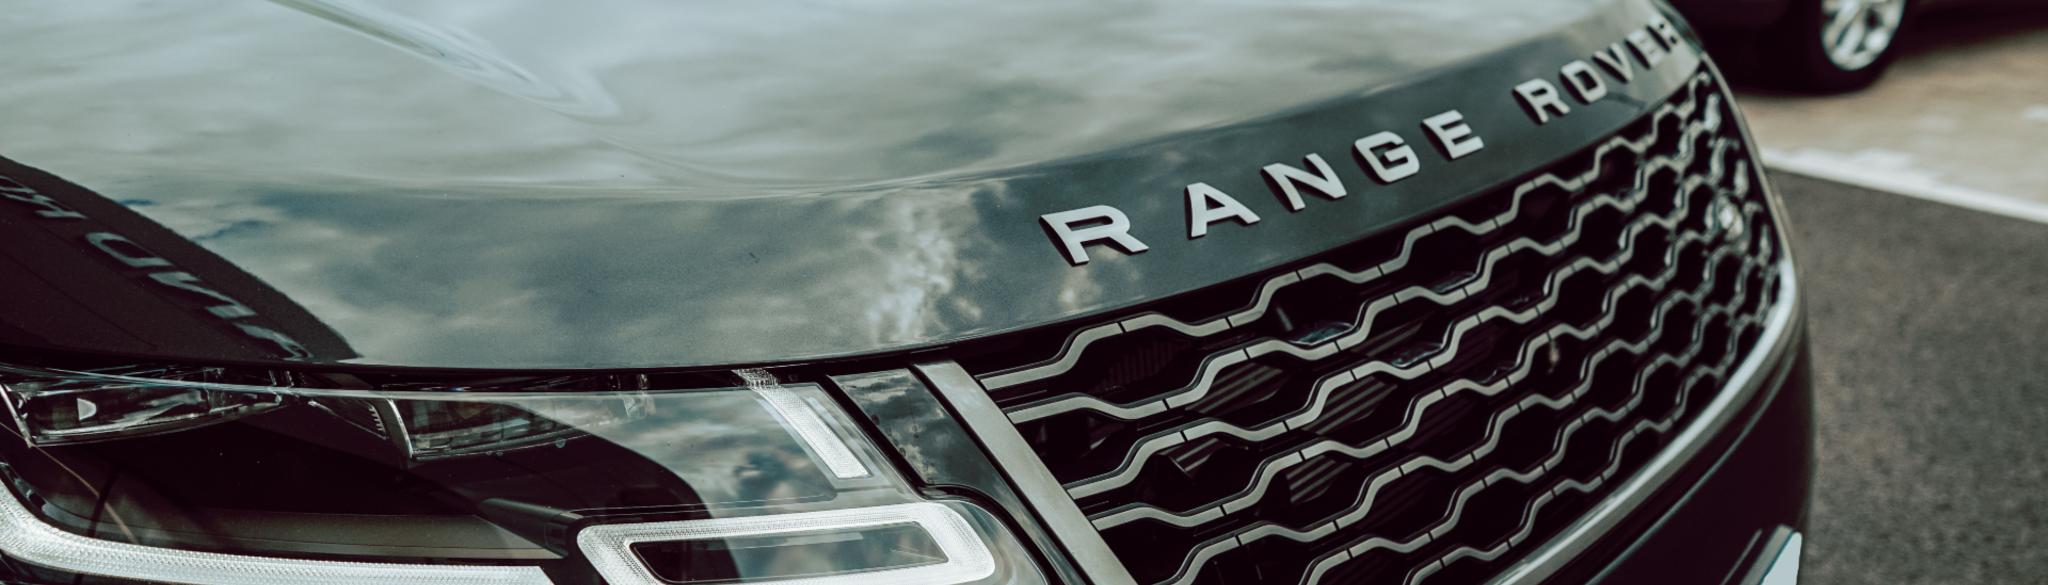 Range Rover Velar Exterior Front